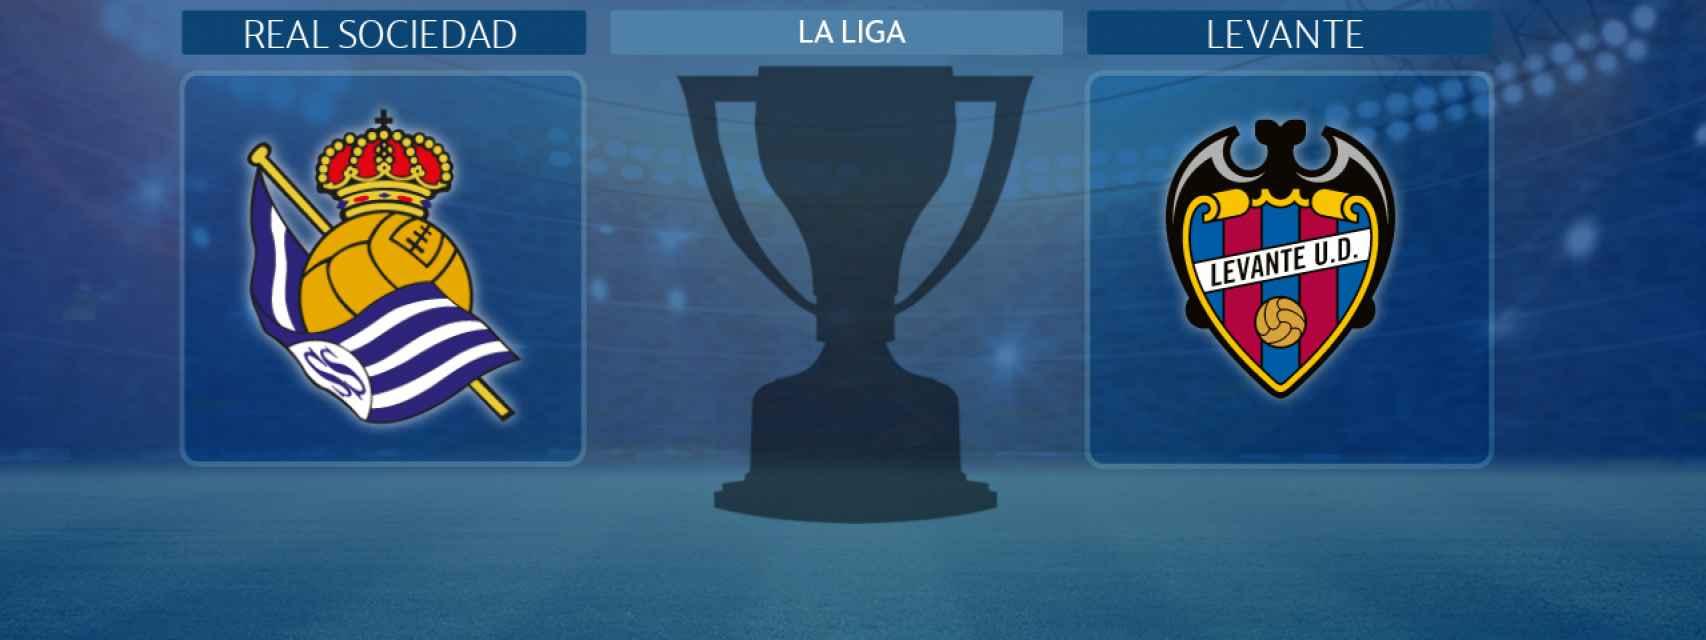 Real Sociedad - Levante, partido de La Liga